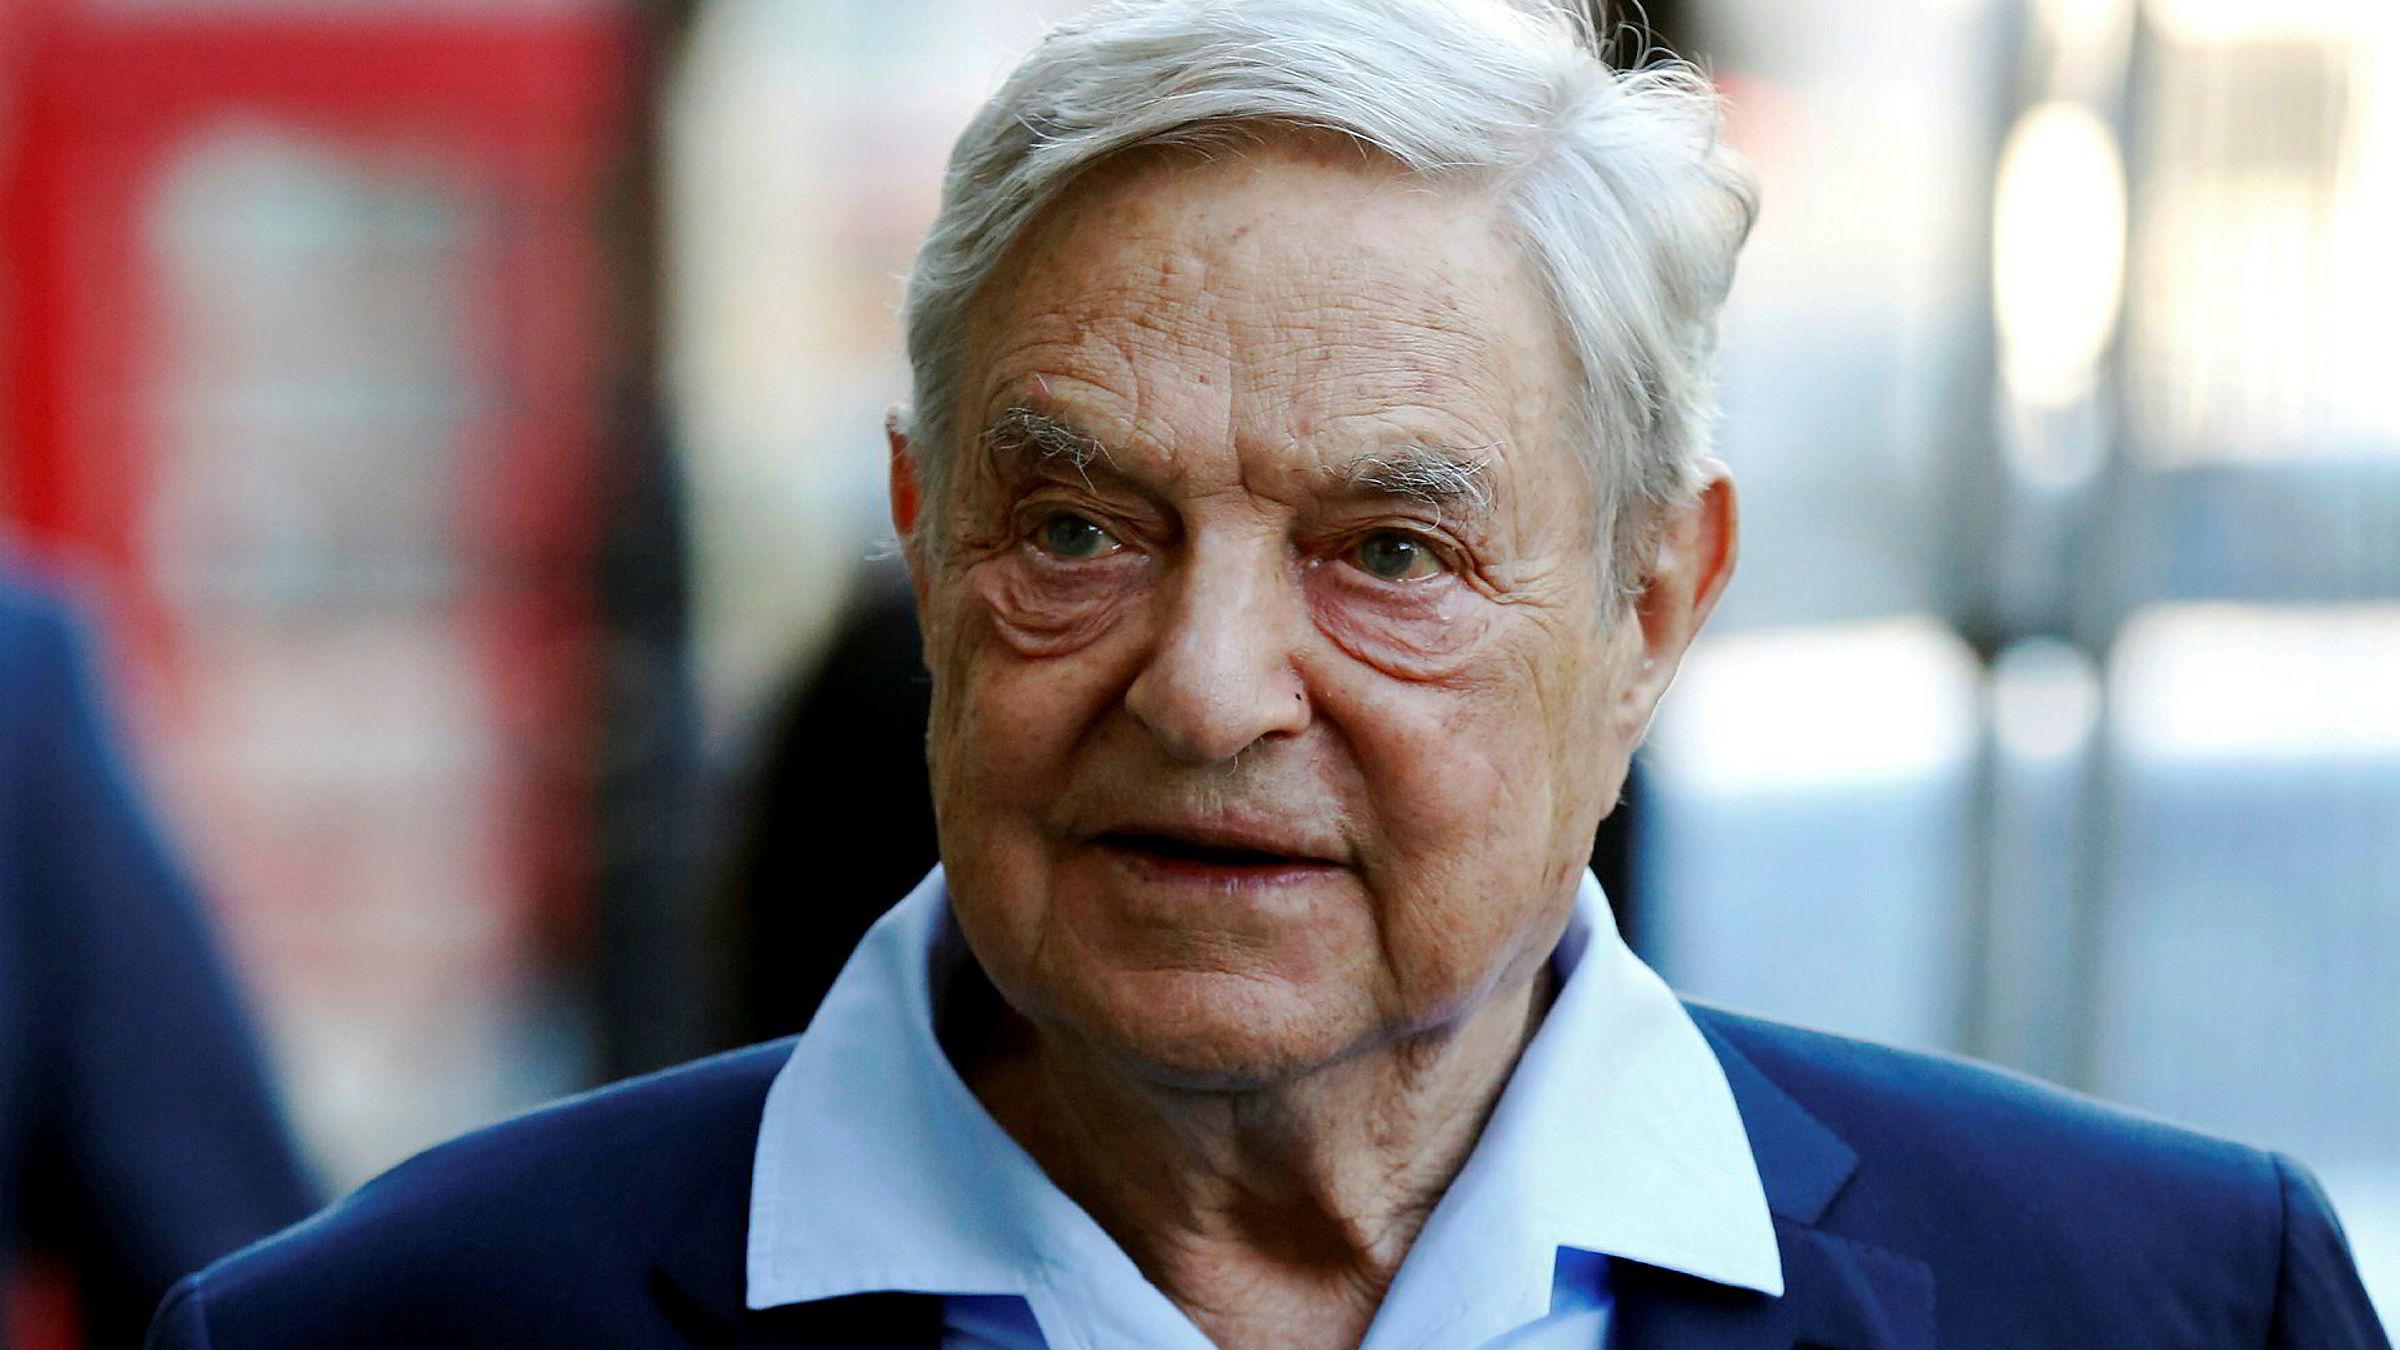 Noen av kjendisinvestor George Soros' shortposisjoner er blitt avslørt ved en feil. Her er han i London i juni i fjor.